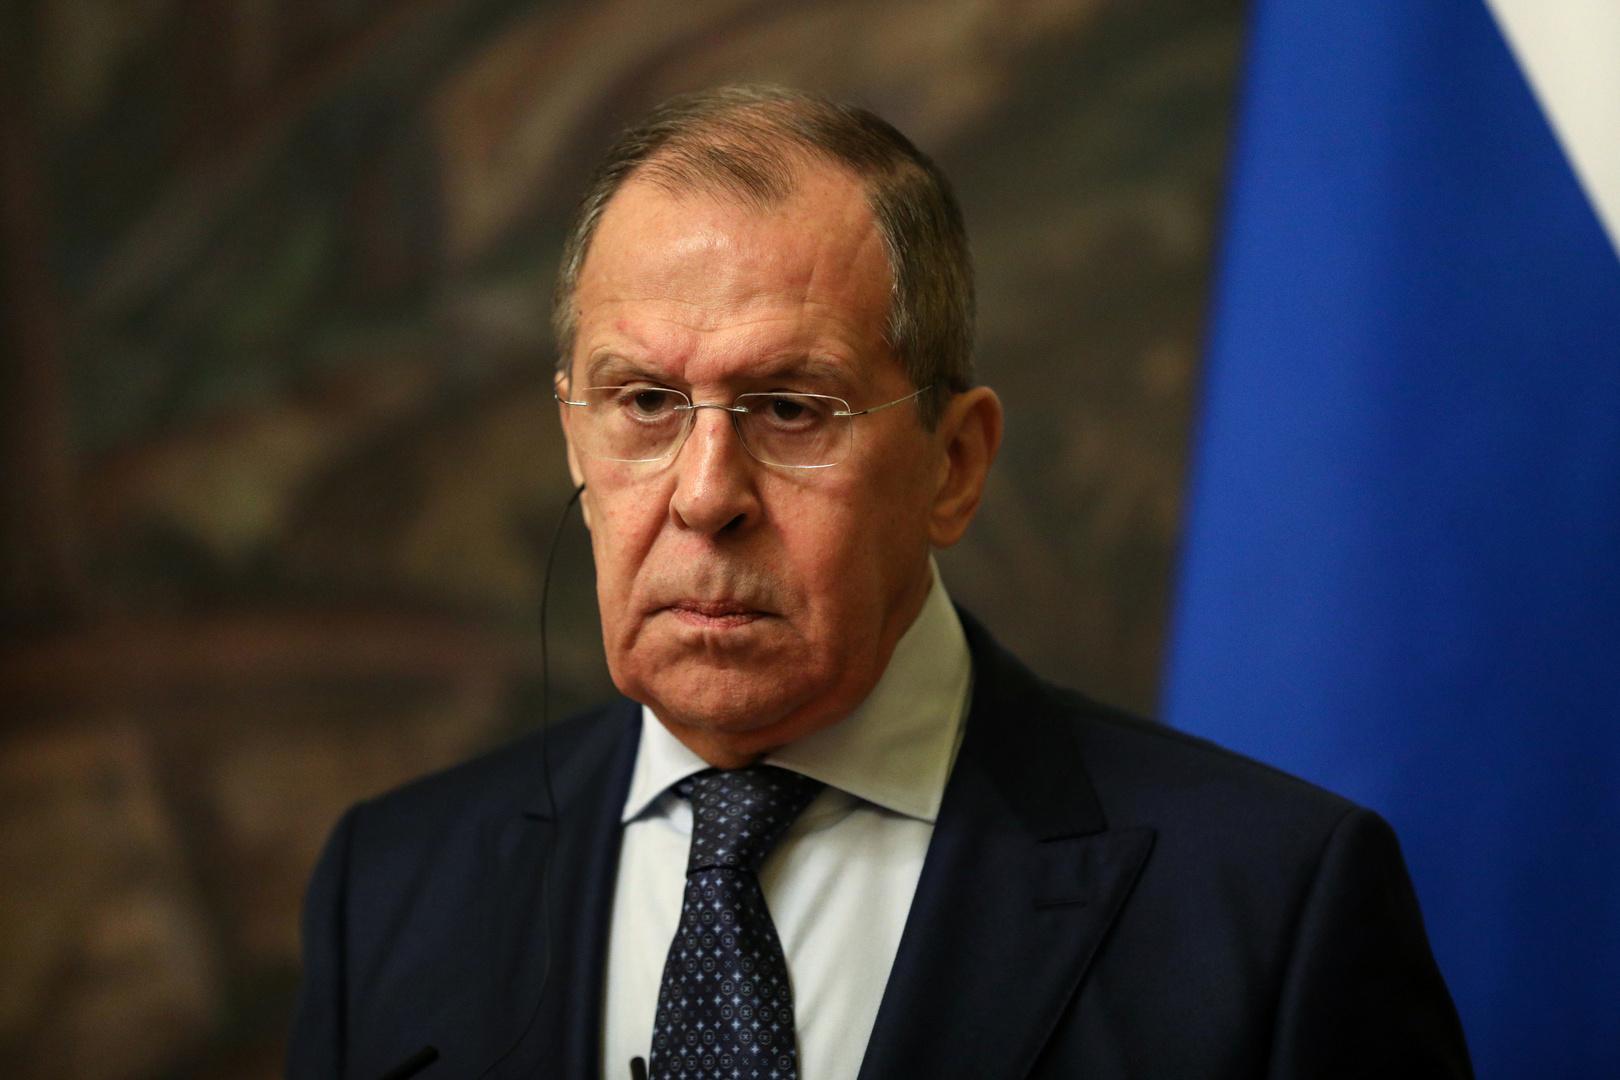 لافروف: روسيا لا تريد تكرار التجربة الليبية في أي دولة في الشرق الأوسط